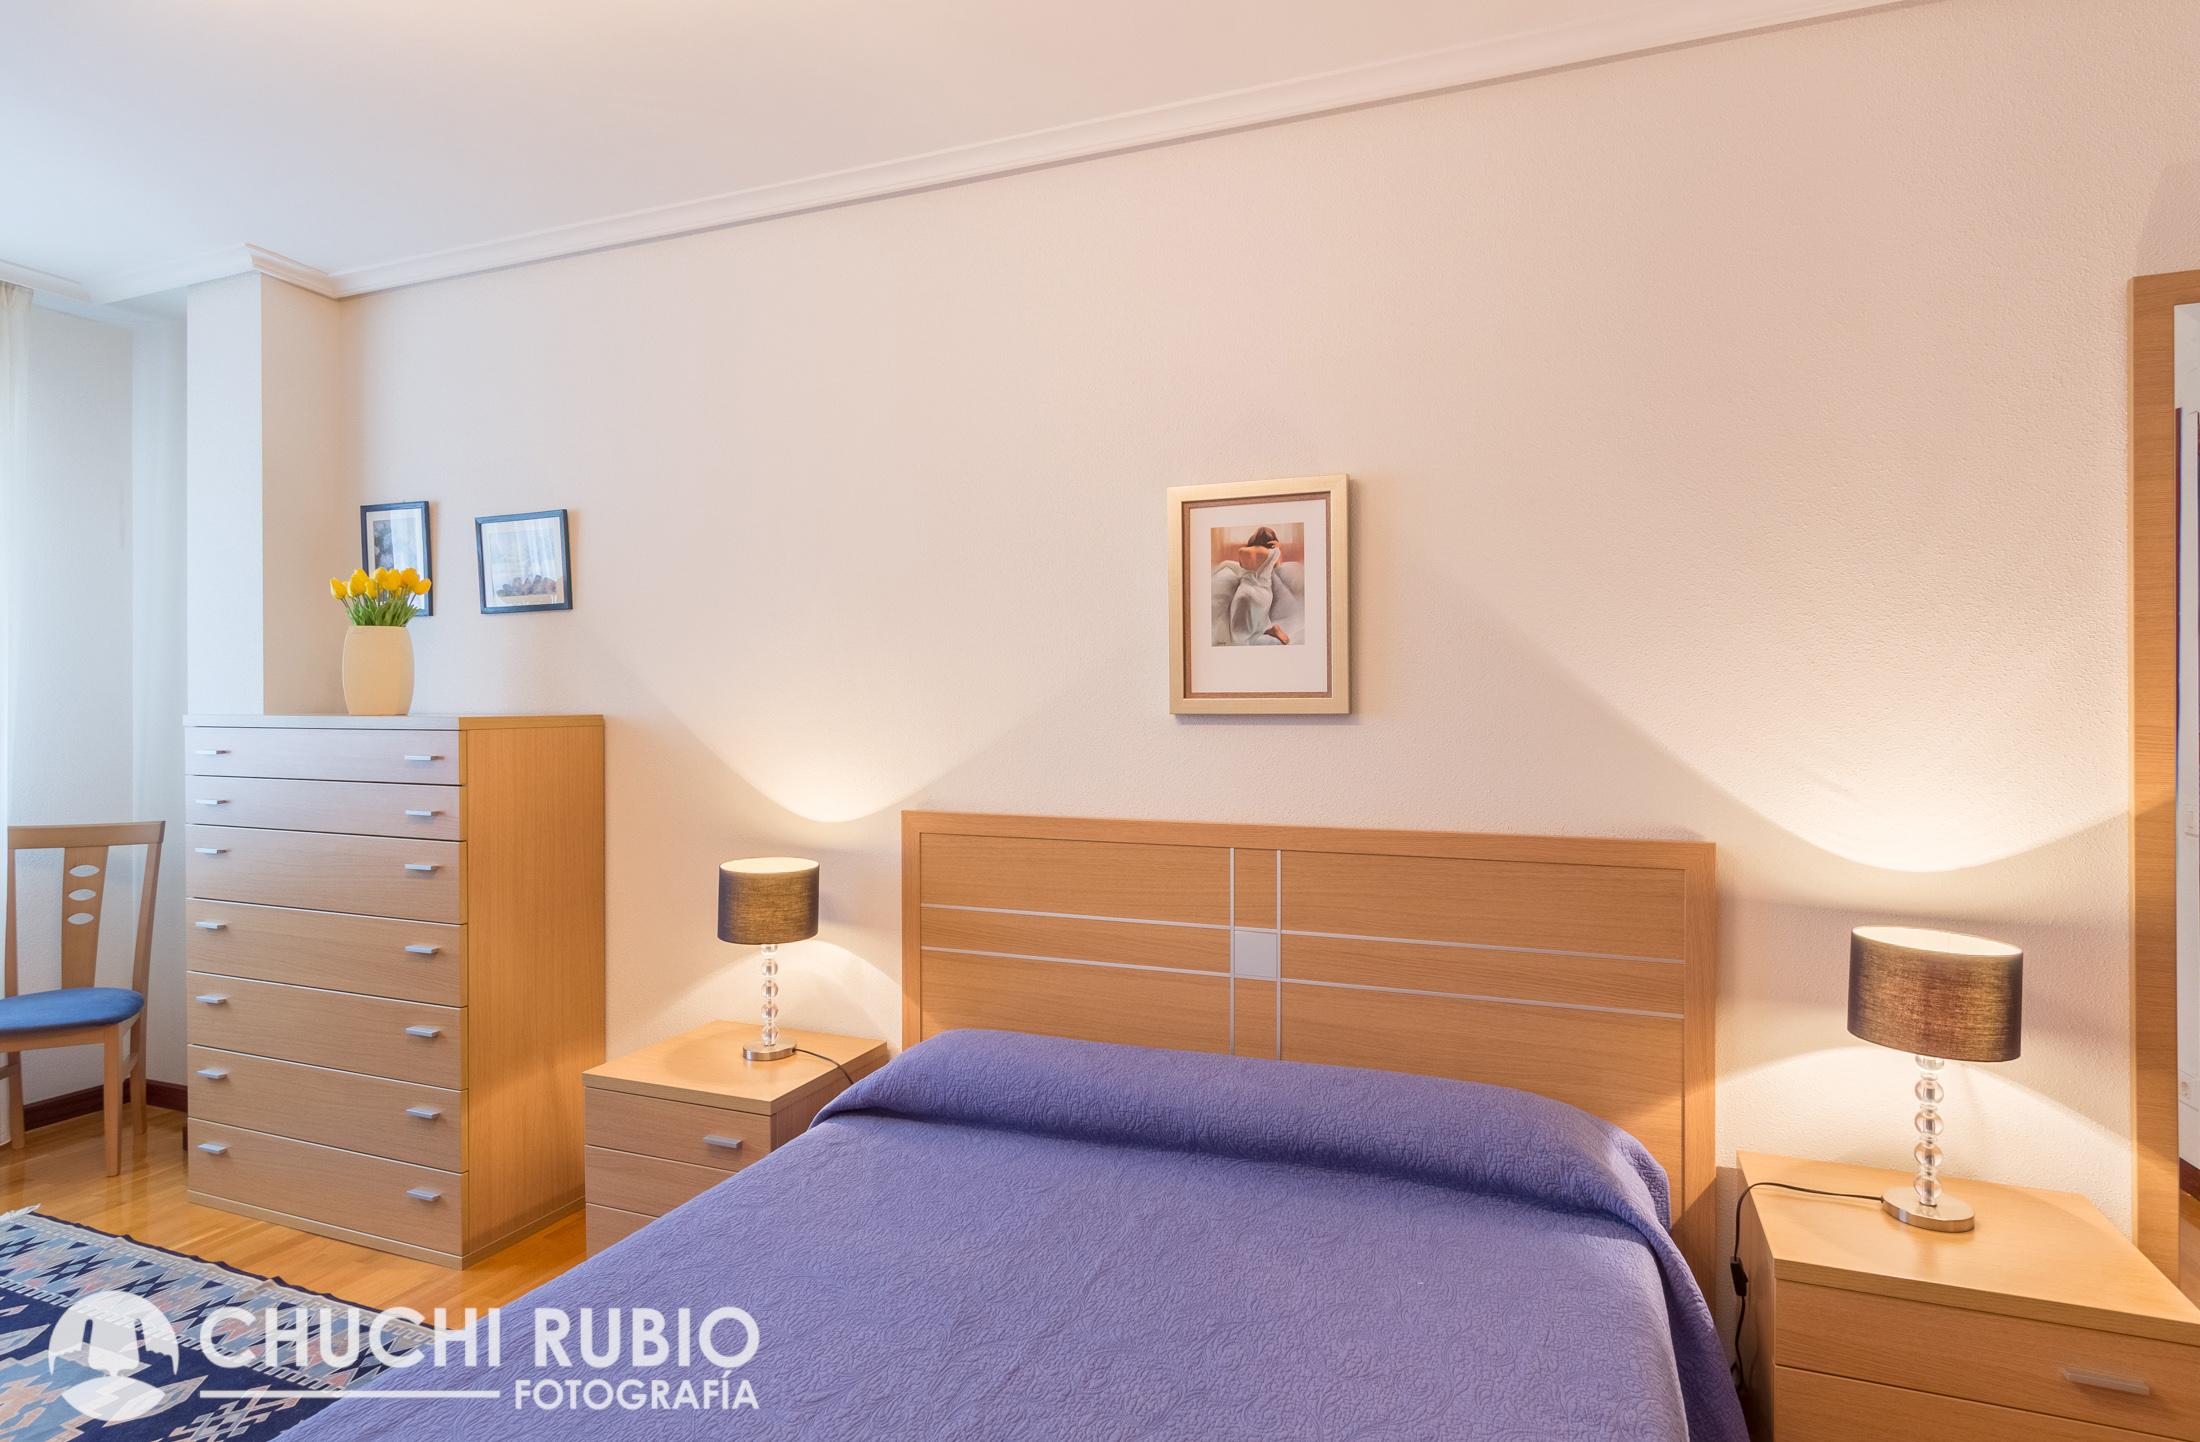 IMG 0845 HDR - Fotografía para Inmobiliarias, venta de pisos, locales...